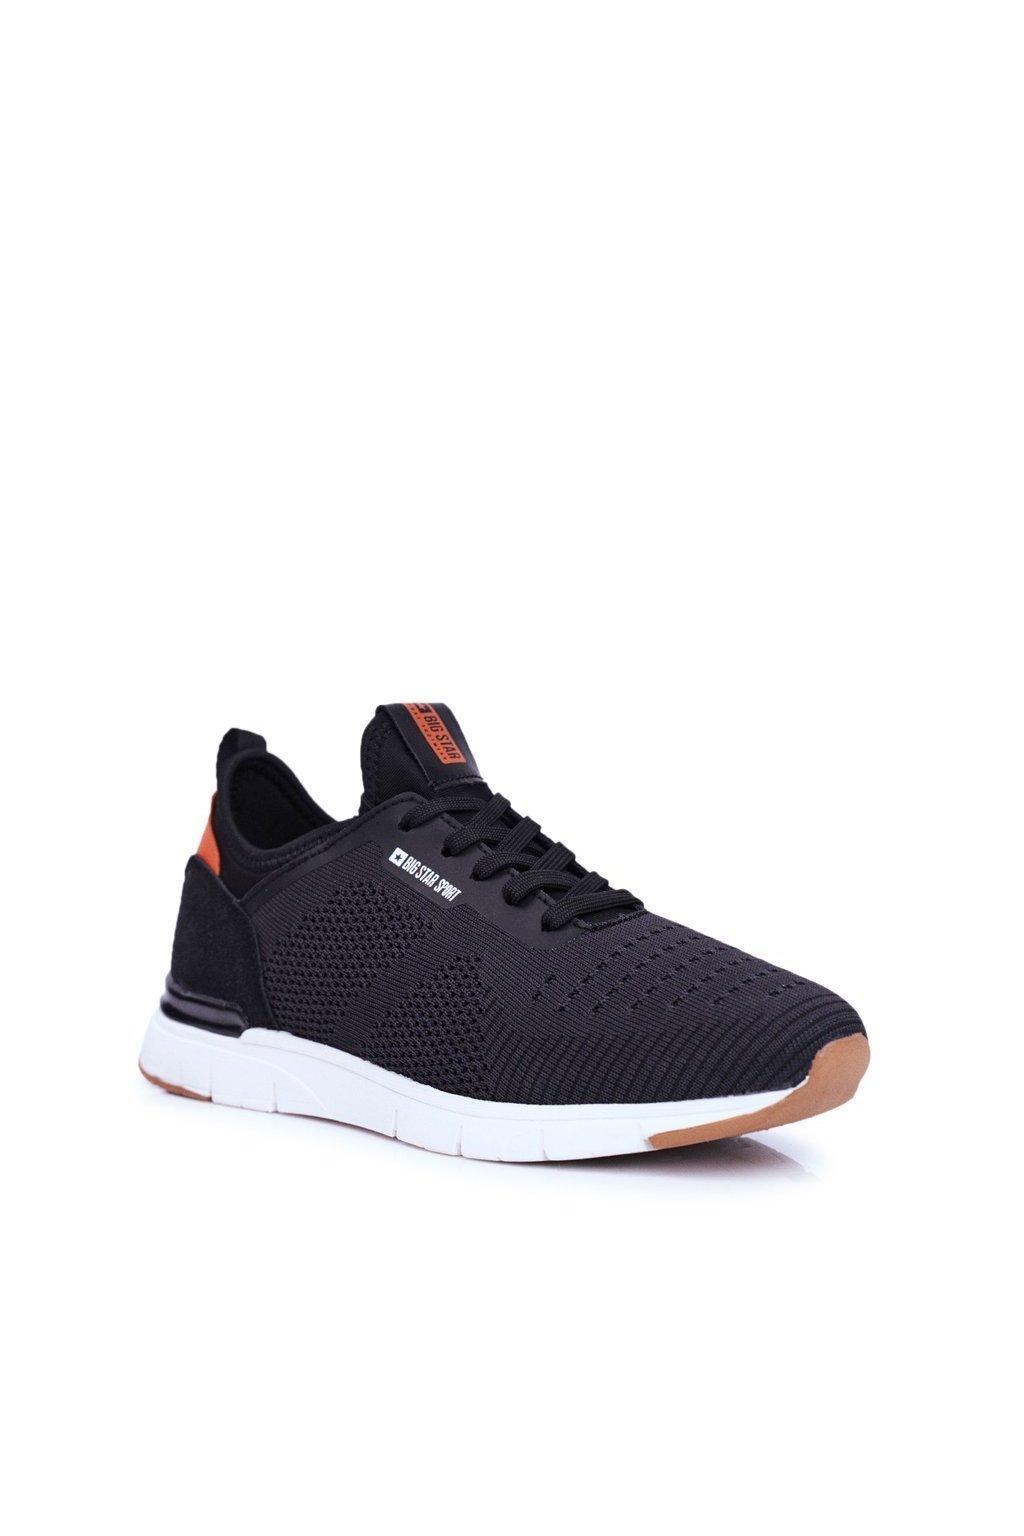 Čierna obuv kód topánok FF174163 BLK